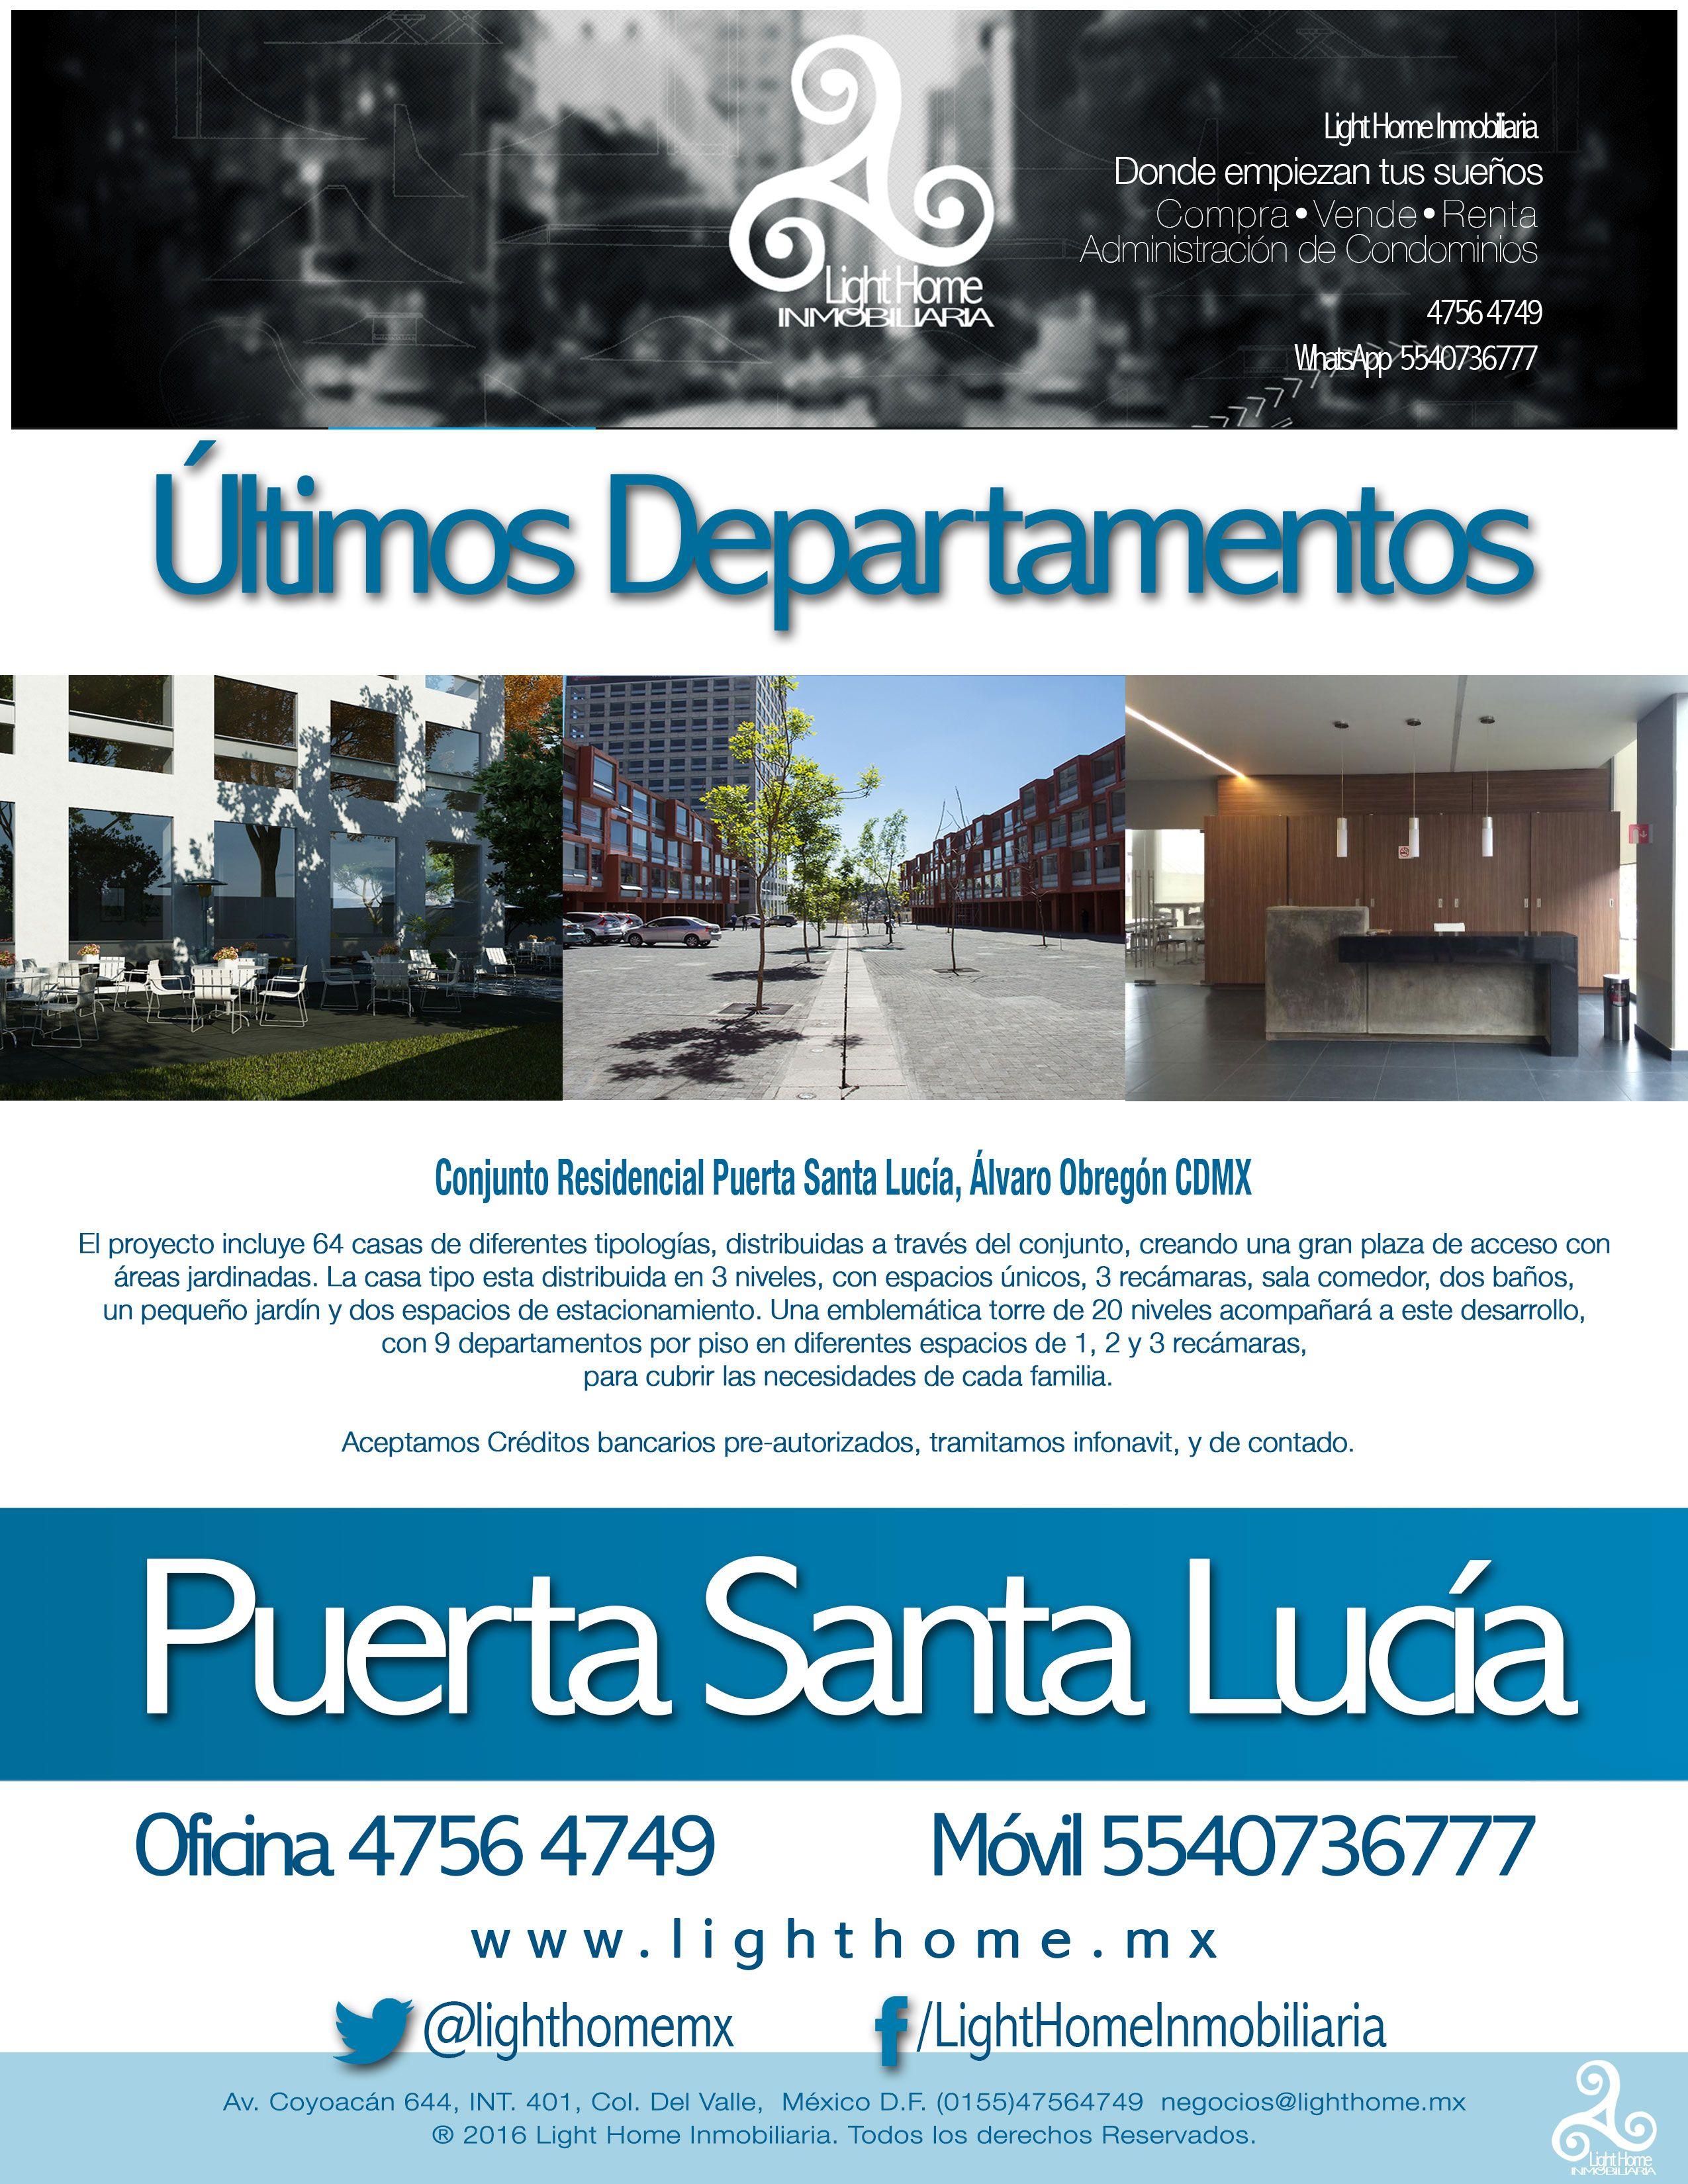 Pin en Compra, Venta de Departamentos y Casas en la CDMX